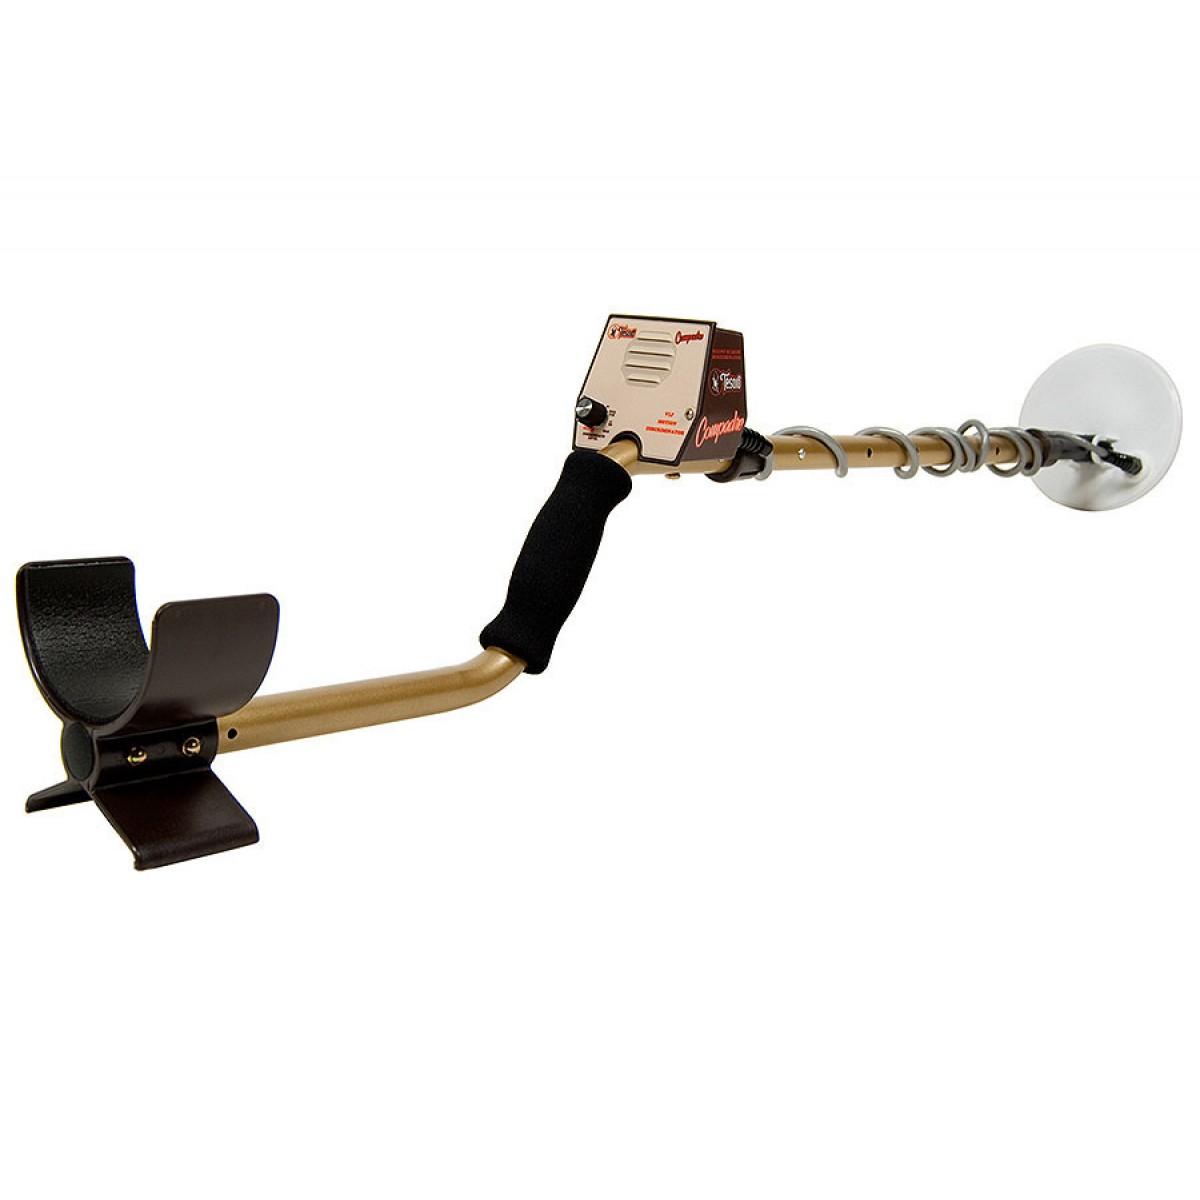 Tesoro Compadre металлоискатель металлодетектор грунтовый металлодетектор